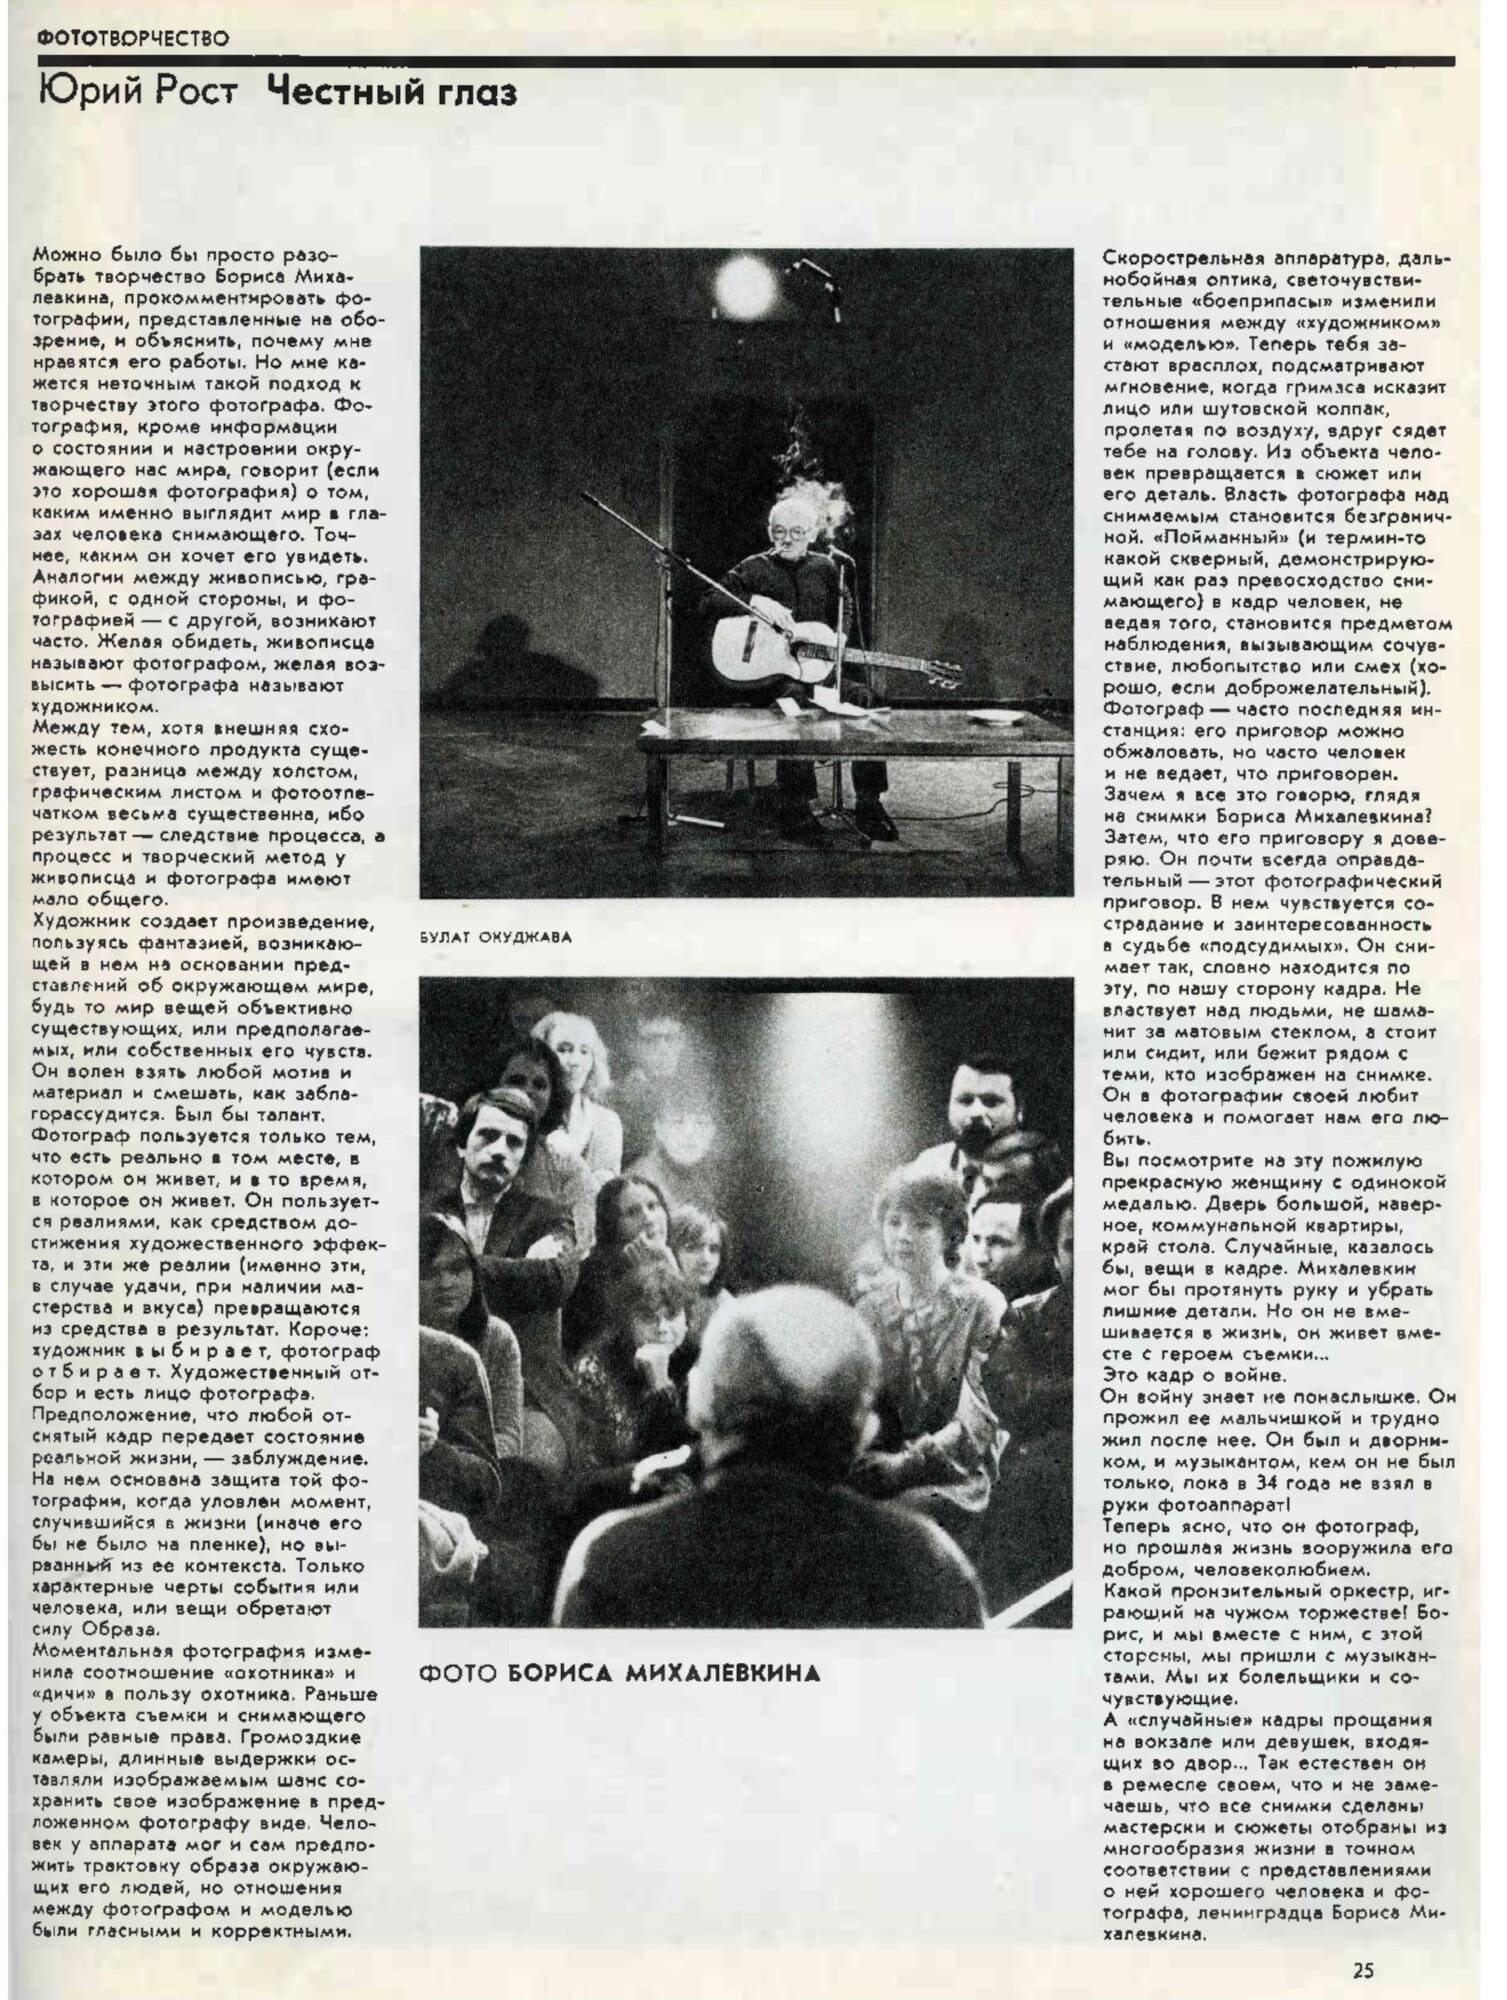 """Журнал """"Советское фото"""" 1987, No4.  «Честный глаз»  Юрий Рост"""